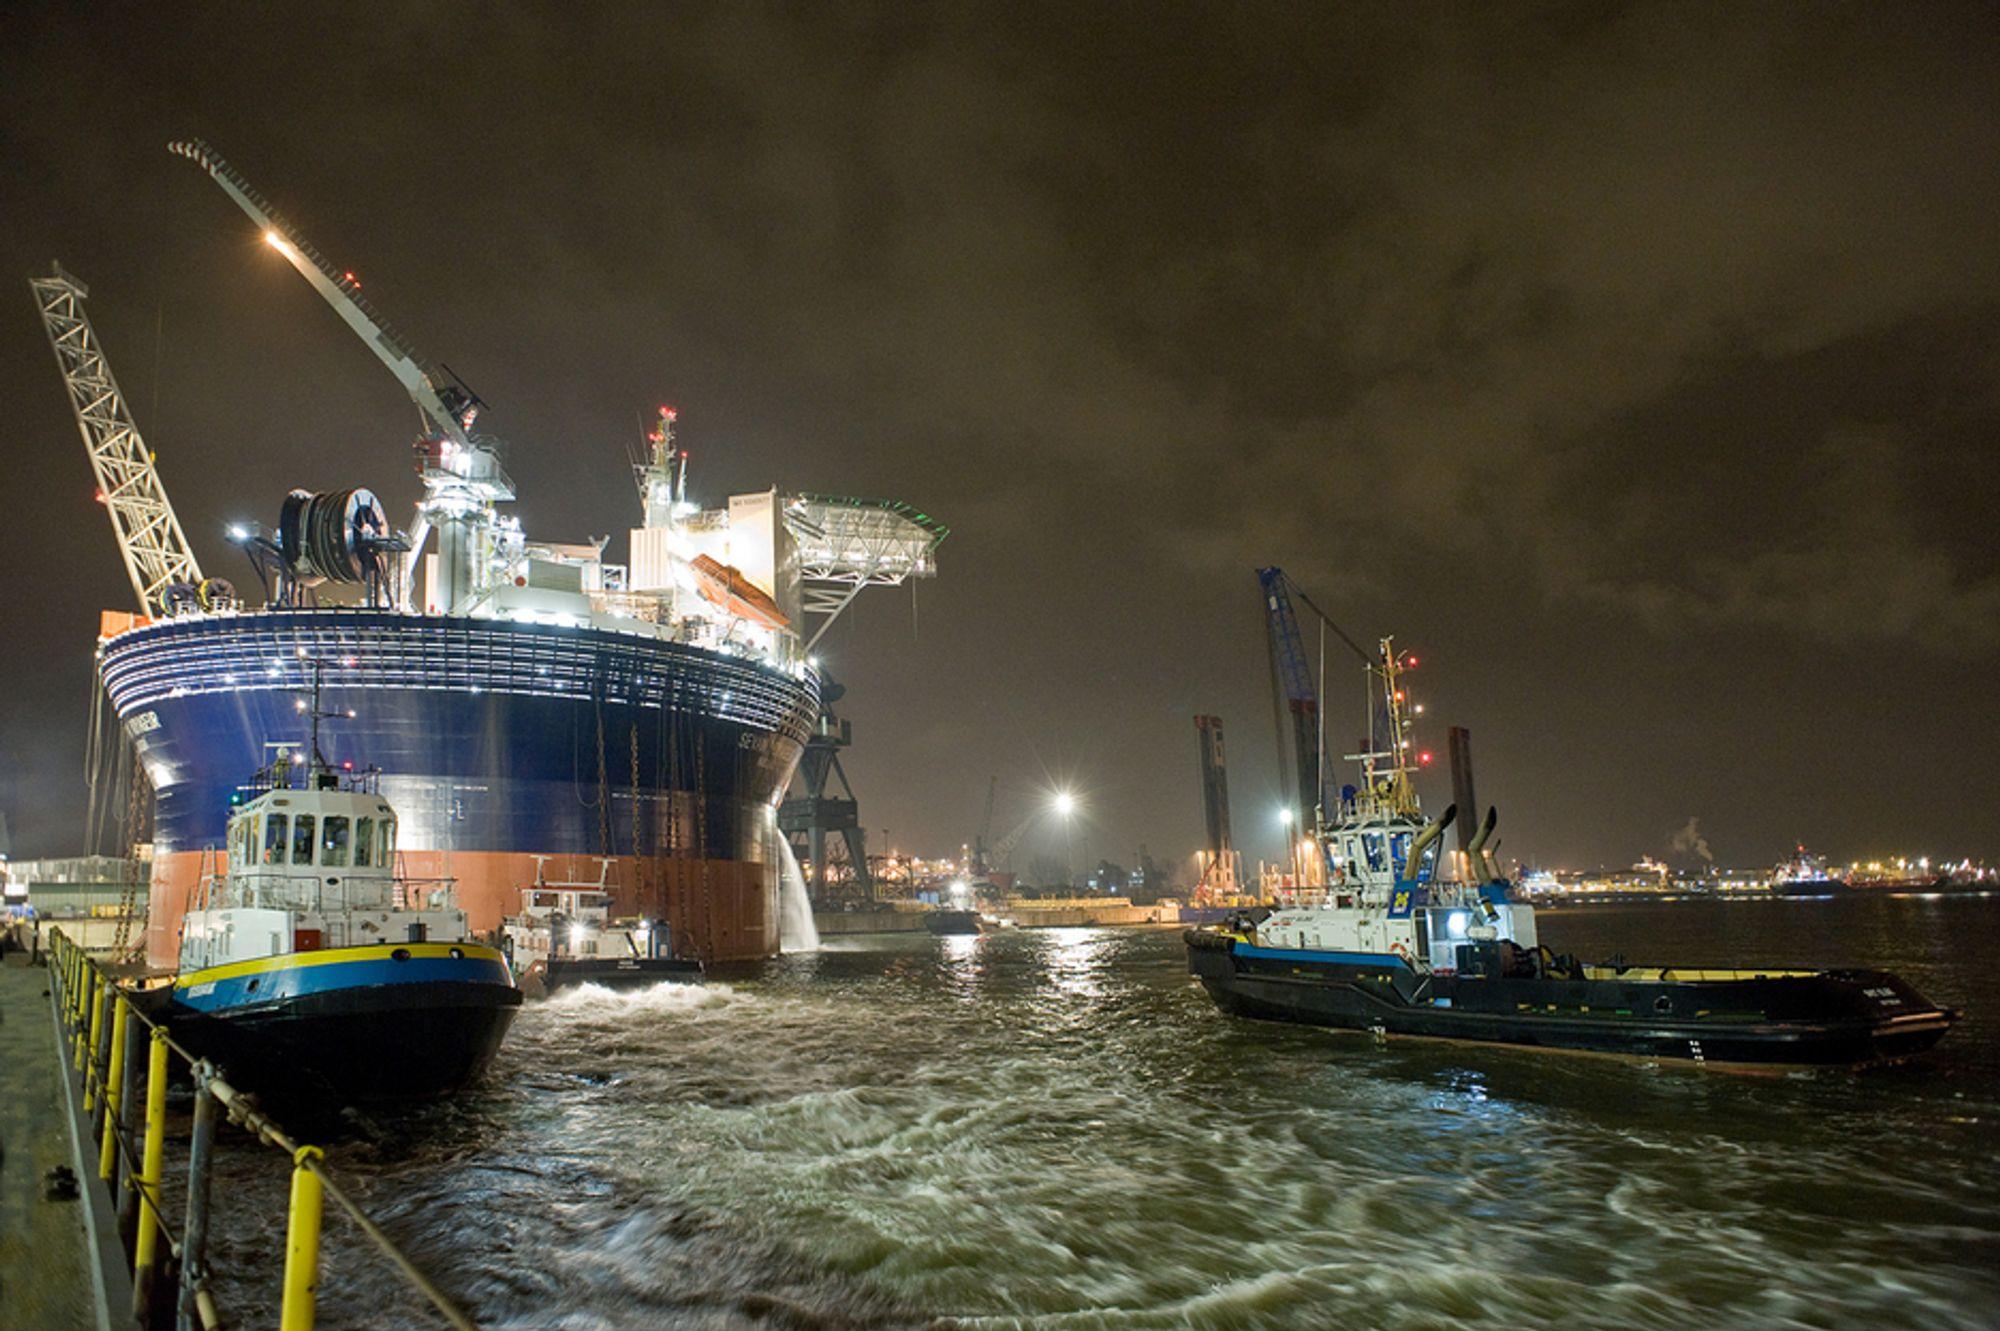 Oppgraderingen av Sevan Voyageur ser ut til å bli langt dyrere enn antatt for Sevan Marine.